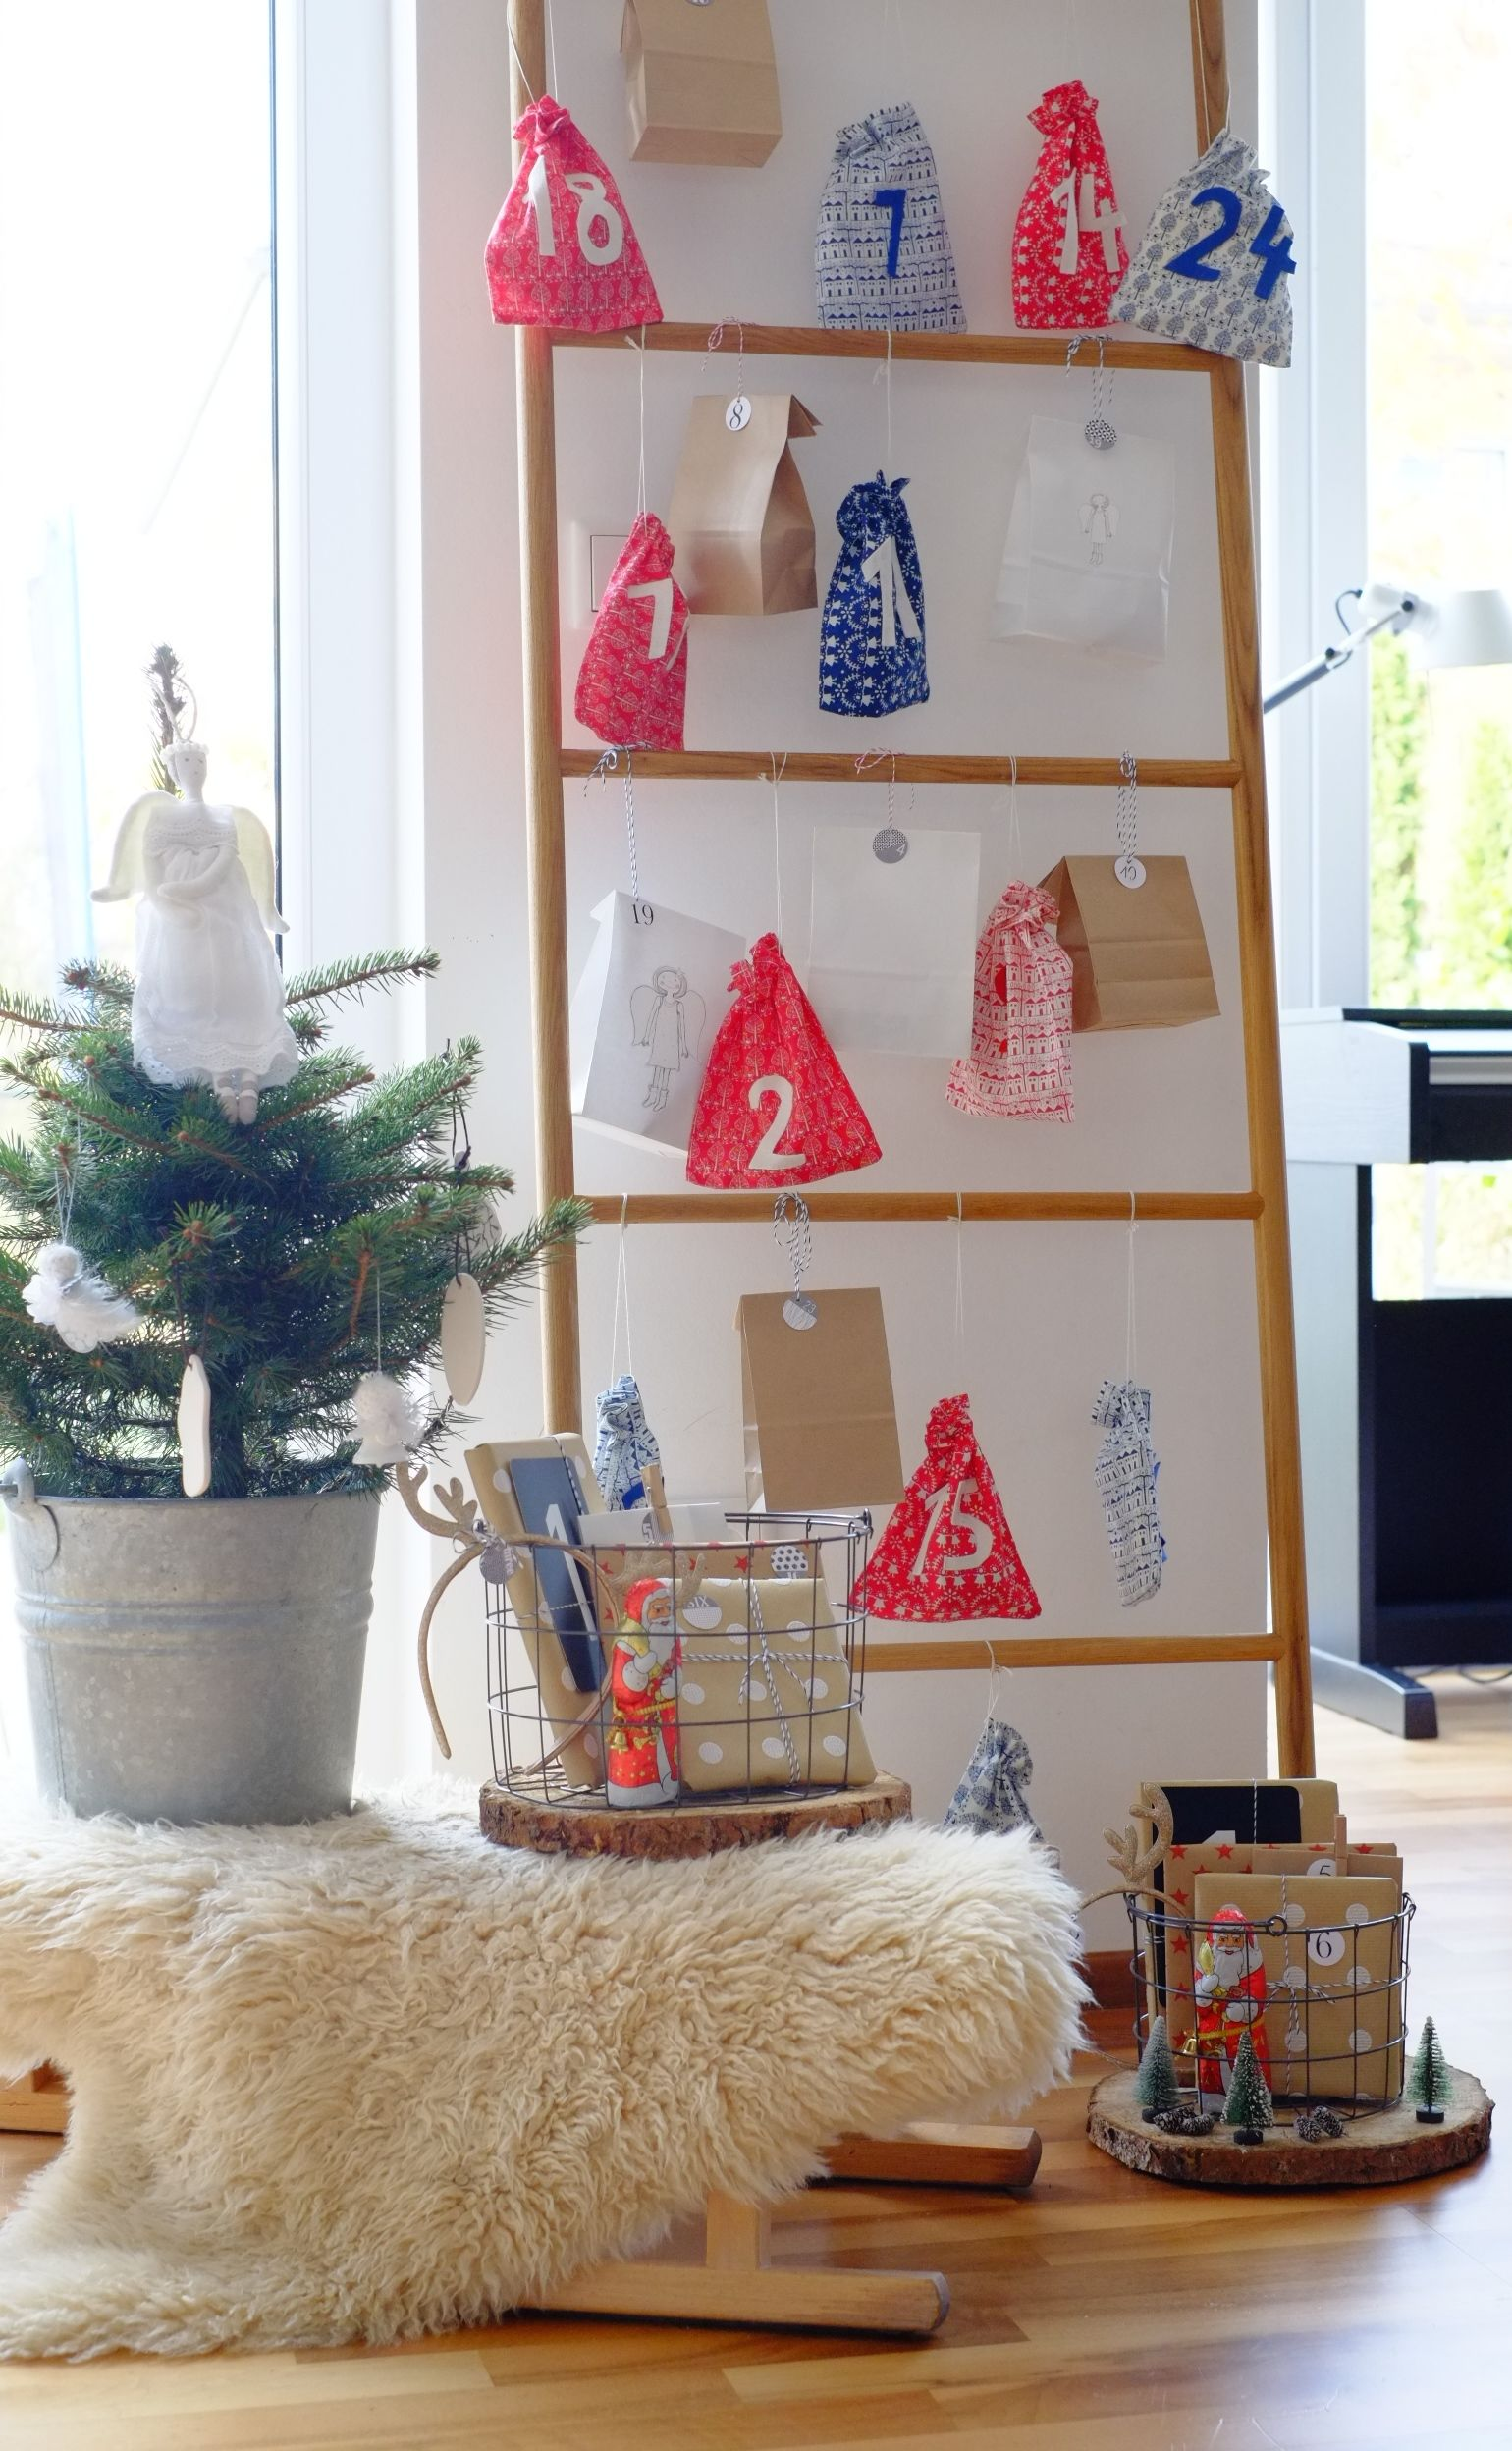 ja ist denn heut scho weihnachten adventskalender. Black Bedroom Furniture Sets. Home Design Ideas